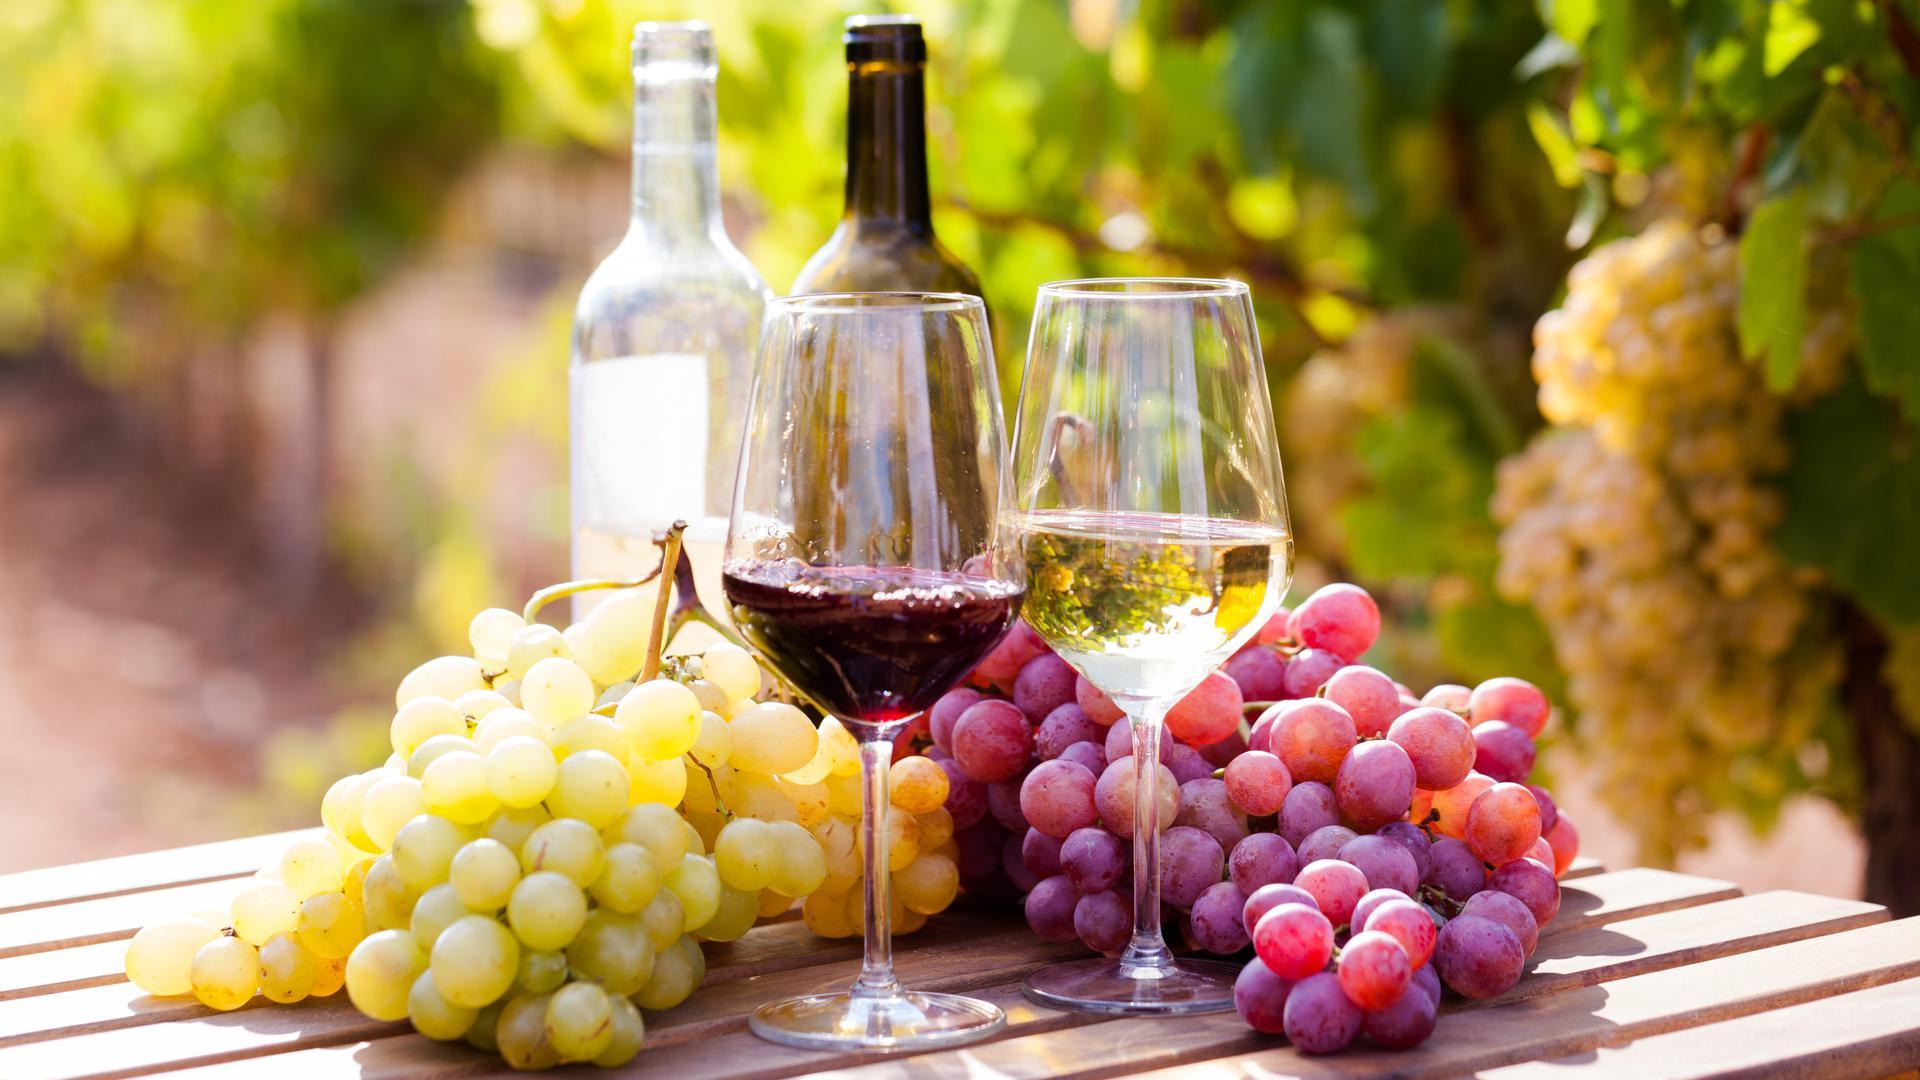 Weinflaschen, Weingläser und Trauben stehen auf einem Tisch.